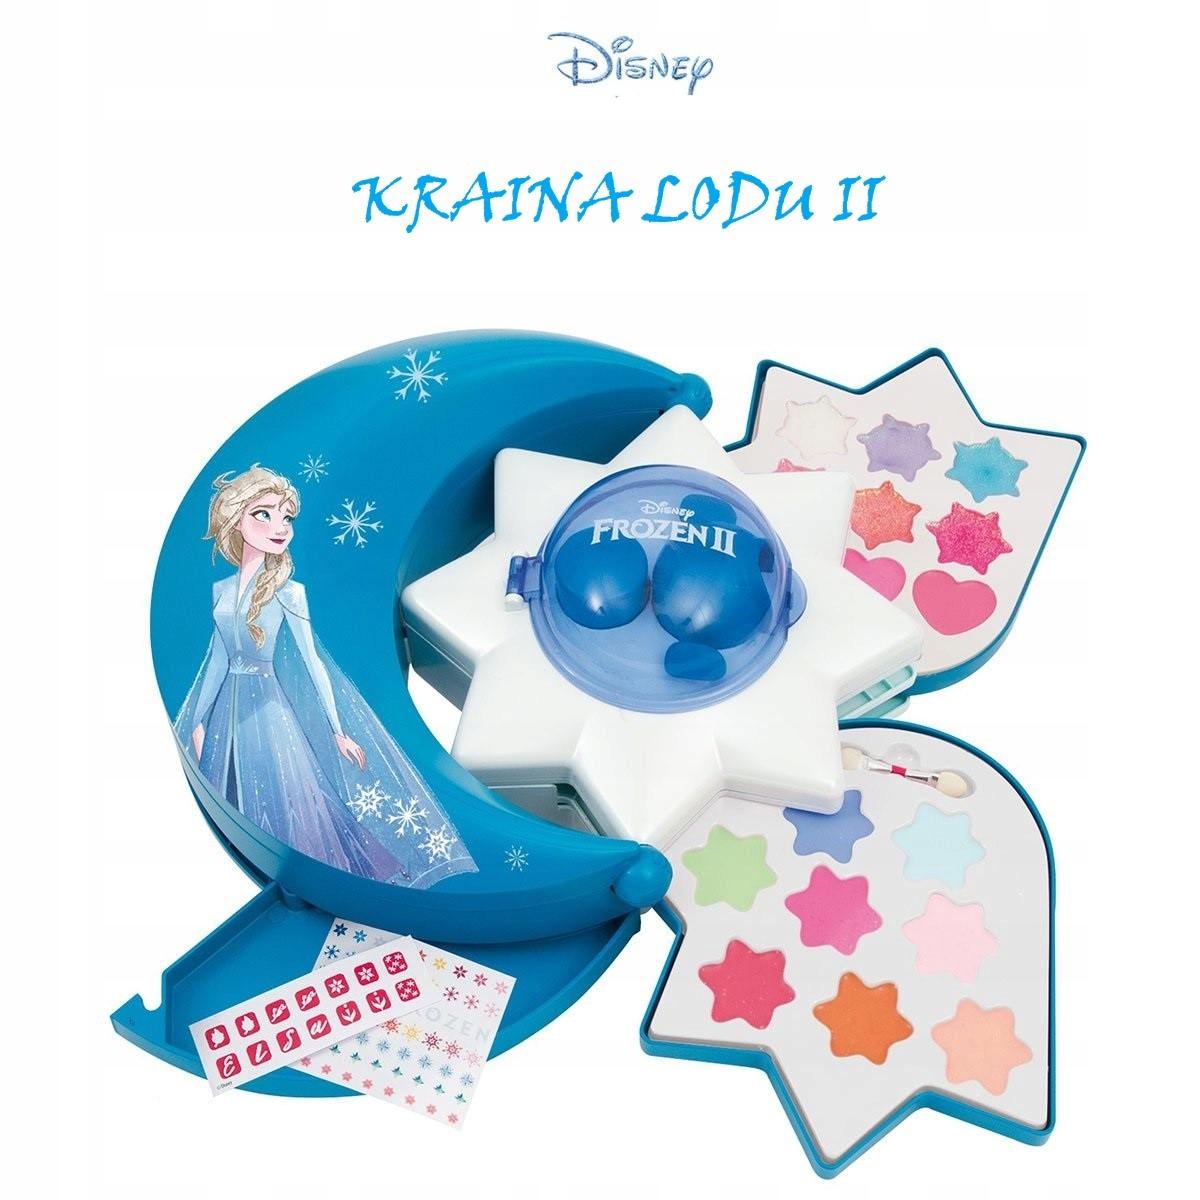 Sada na líčenie pre deti Frozen 2 Disney